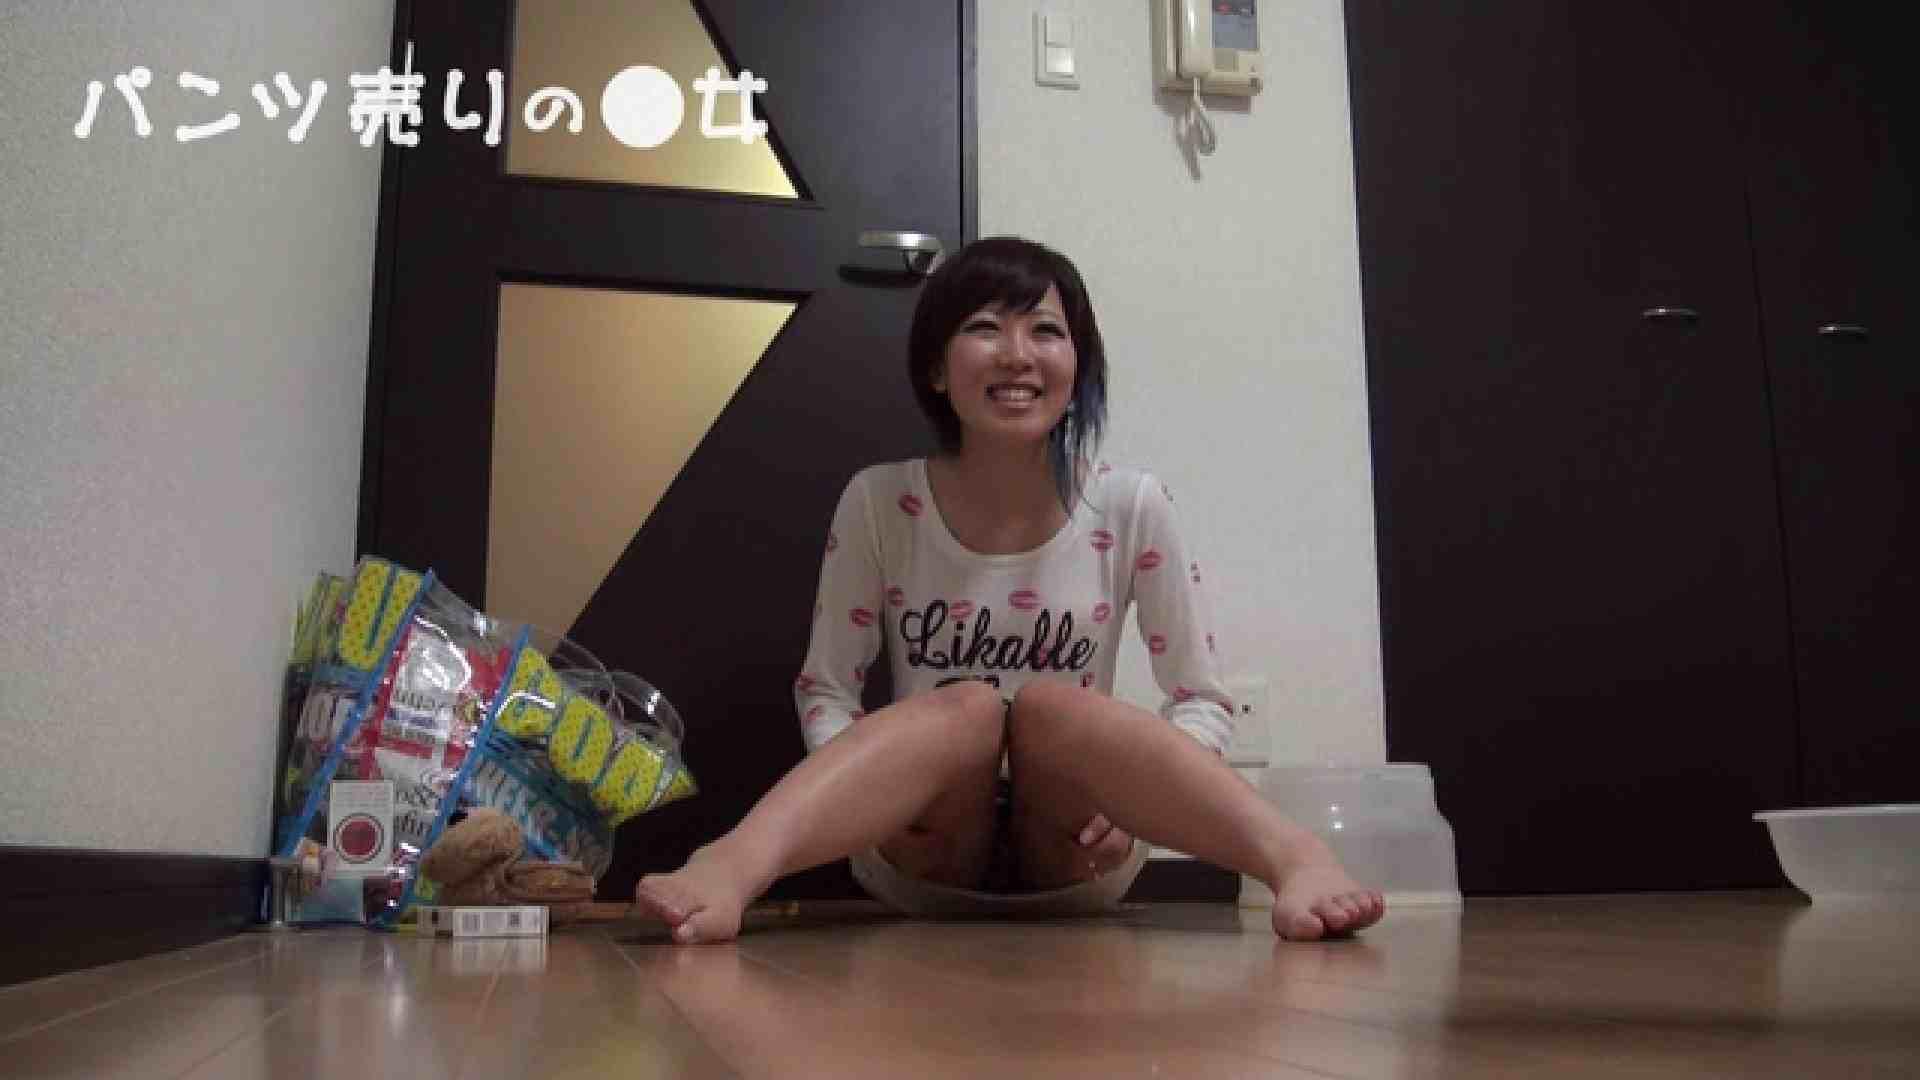 新説 パンツ売りの女の子nana パンツ   0  103連発 29